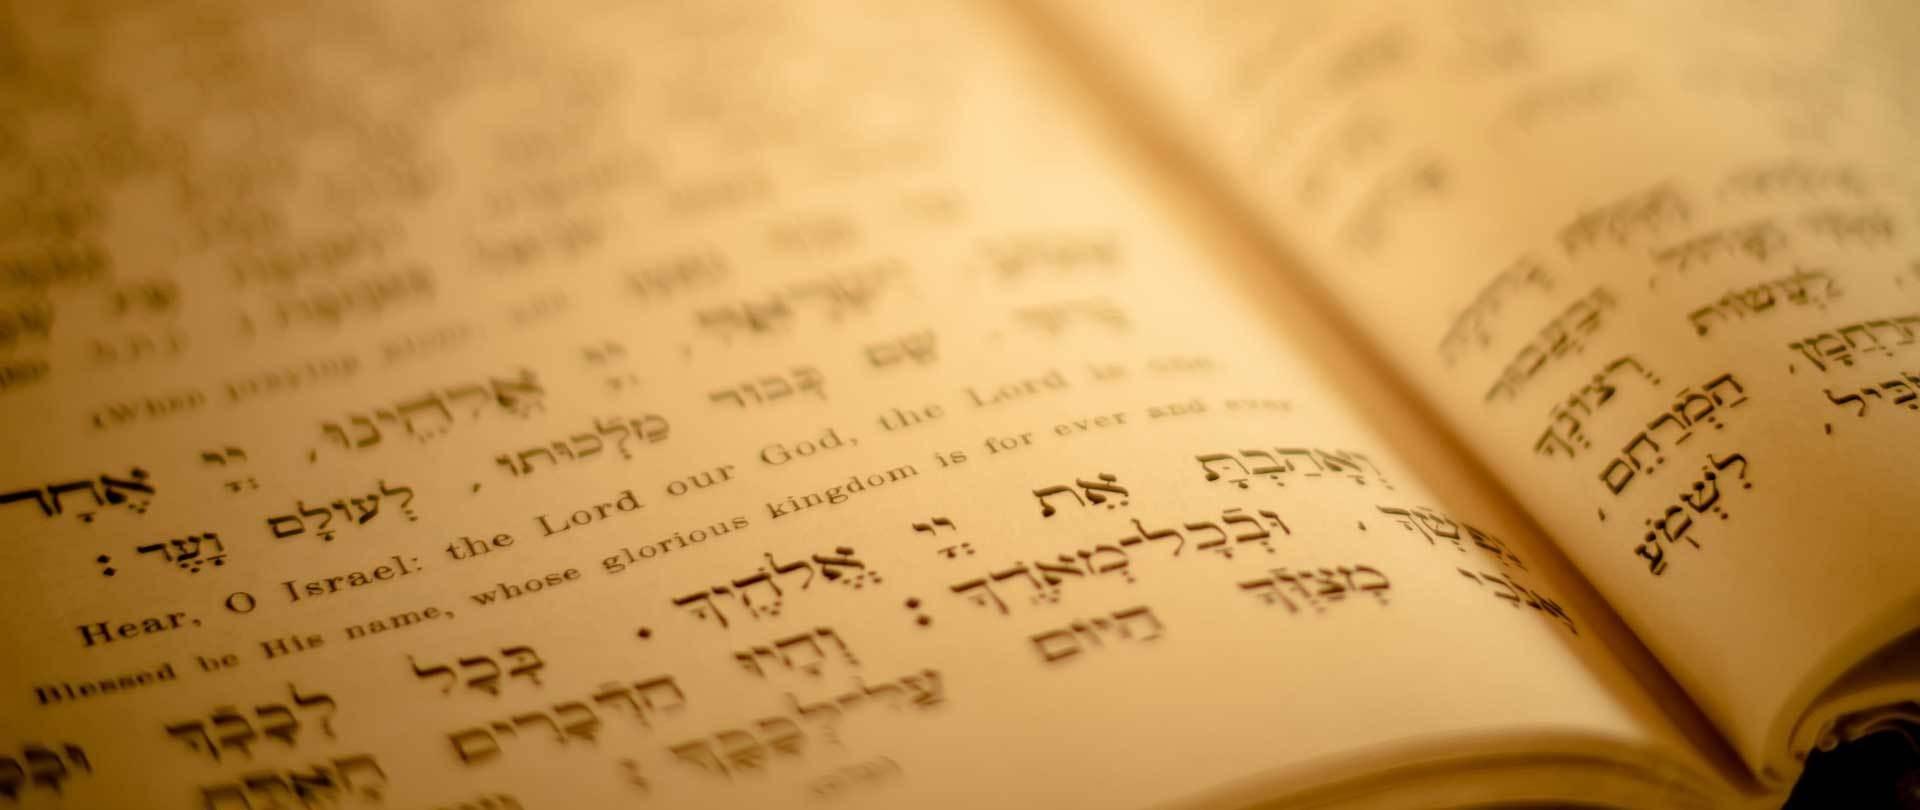 यहूदियों के धर्मग्रंथ